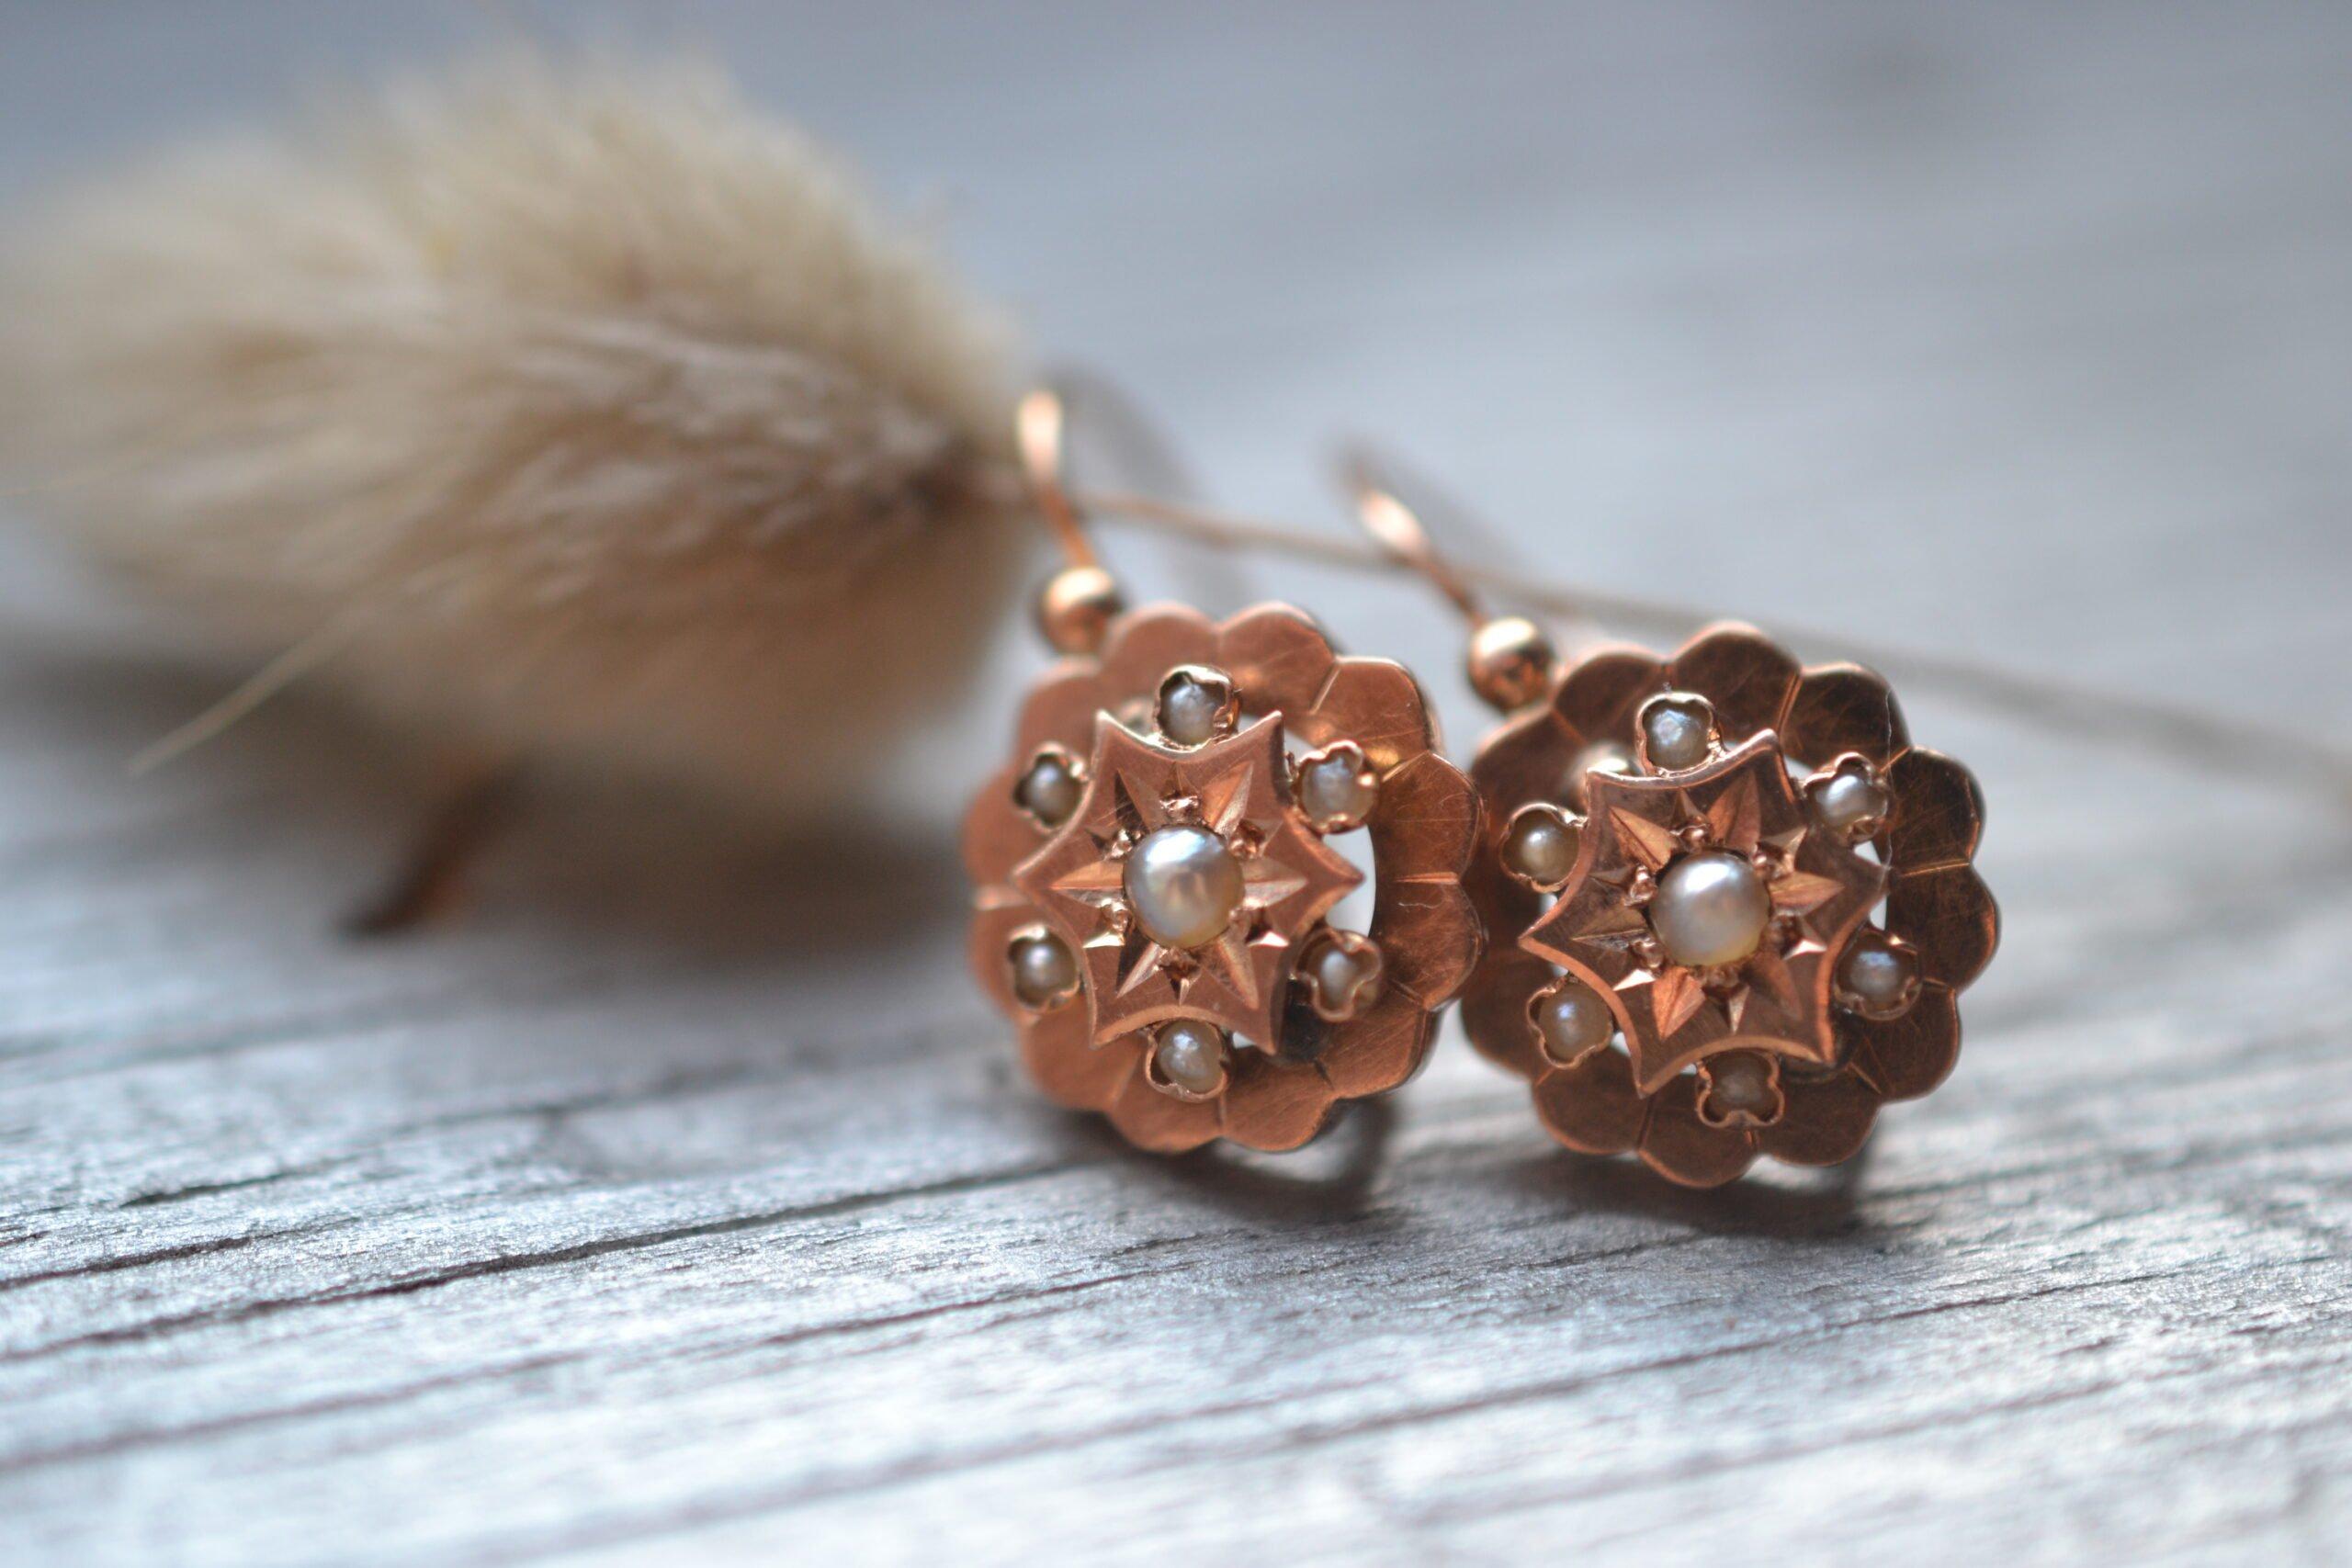 Boucles d'oreilles vintage en or jaune 18 carats (750/1000), ornée chacune de 7 semences de perles - un bijou Noircarat.fr